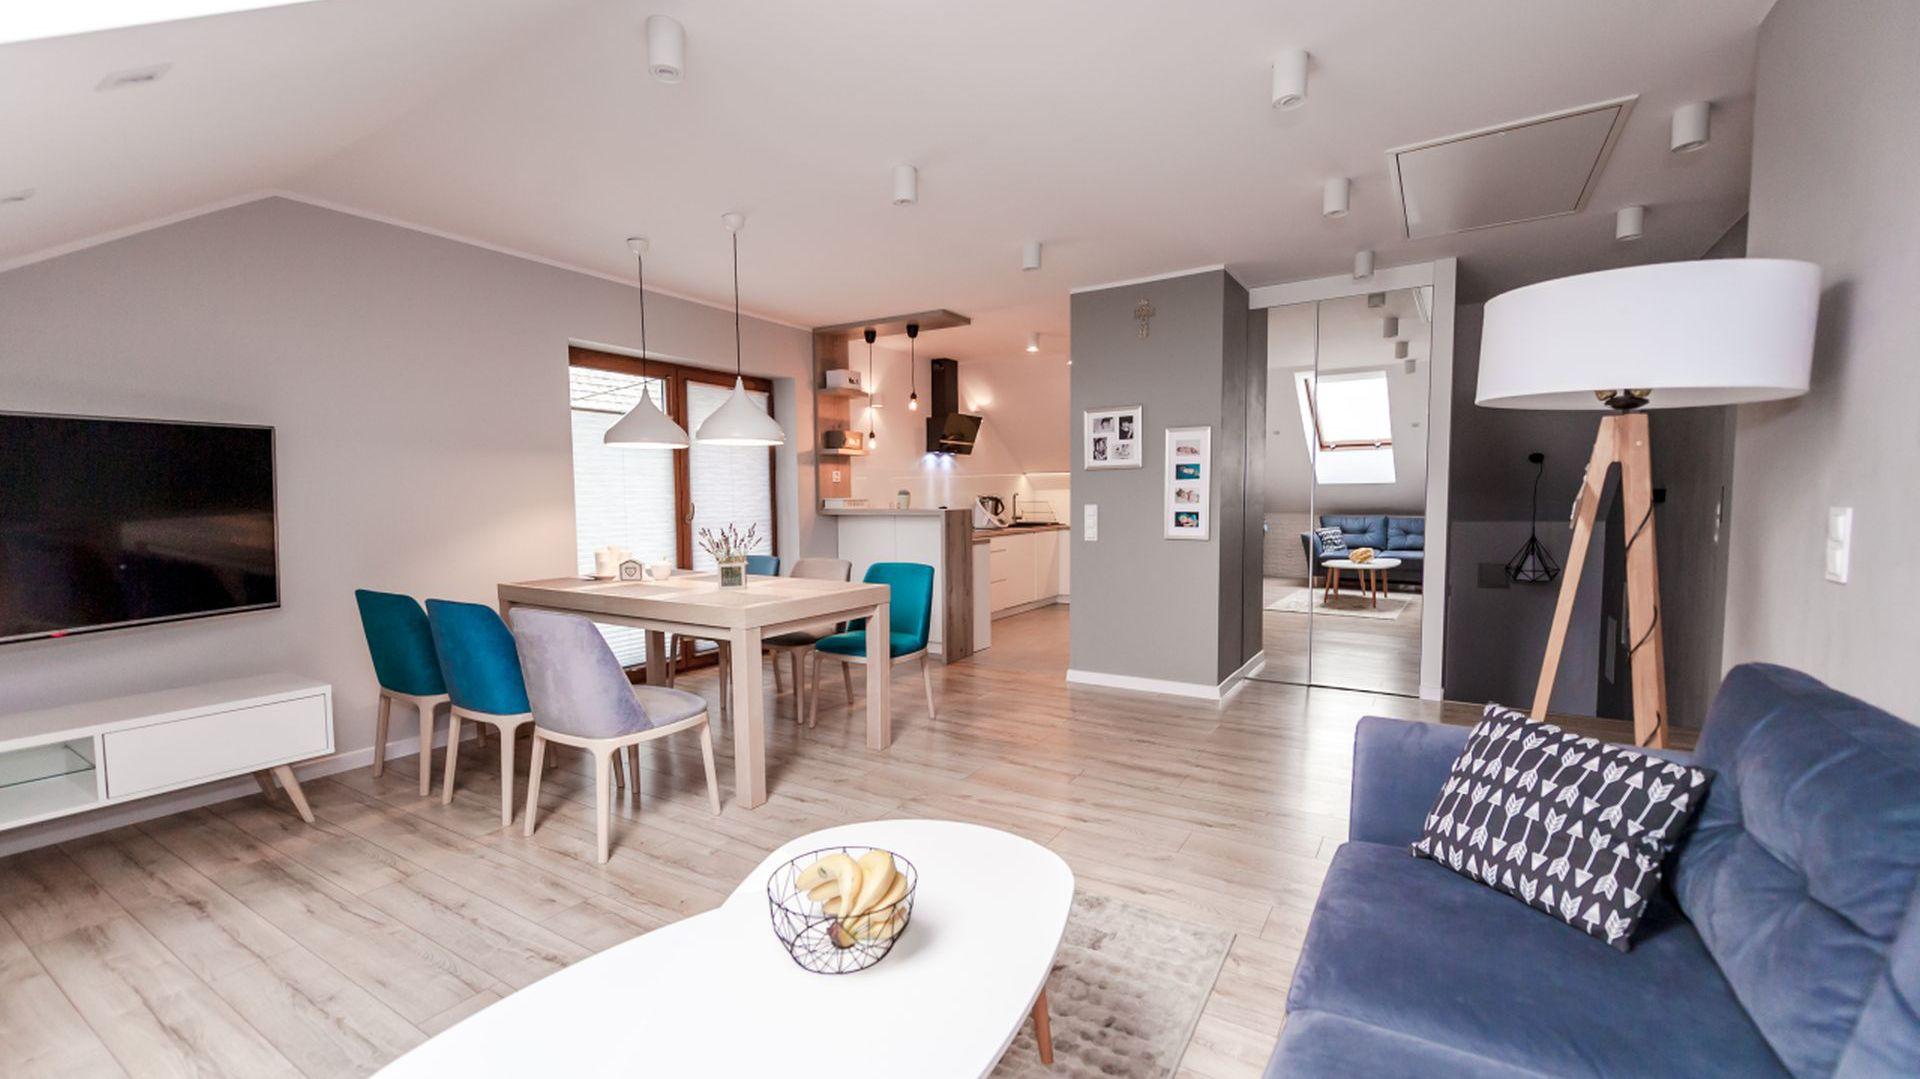 Mieszkanie na poddaszu - udana adaptacja